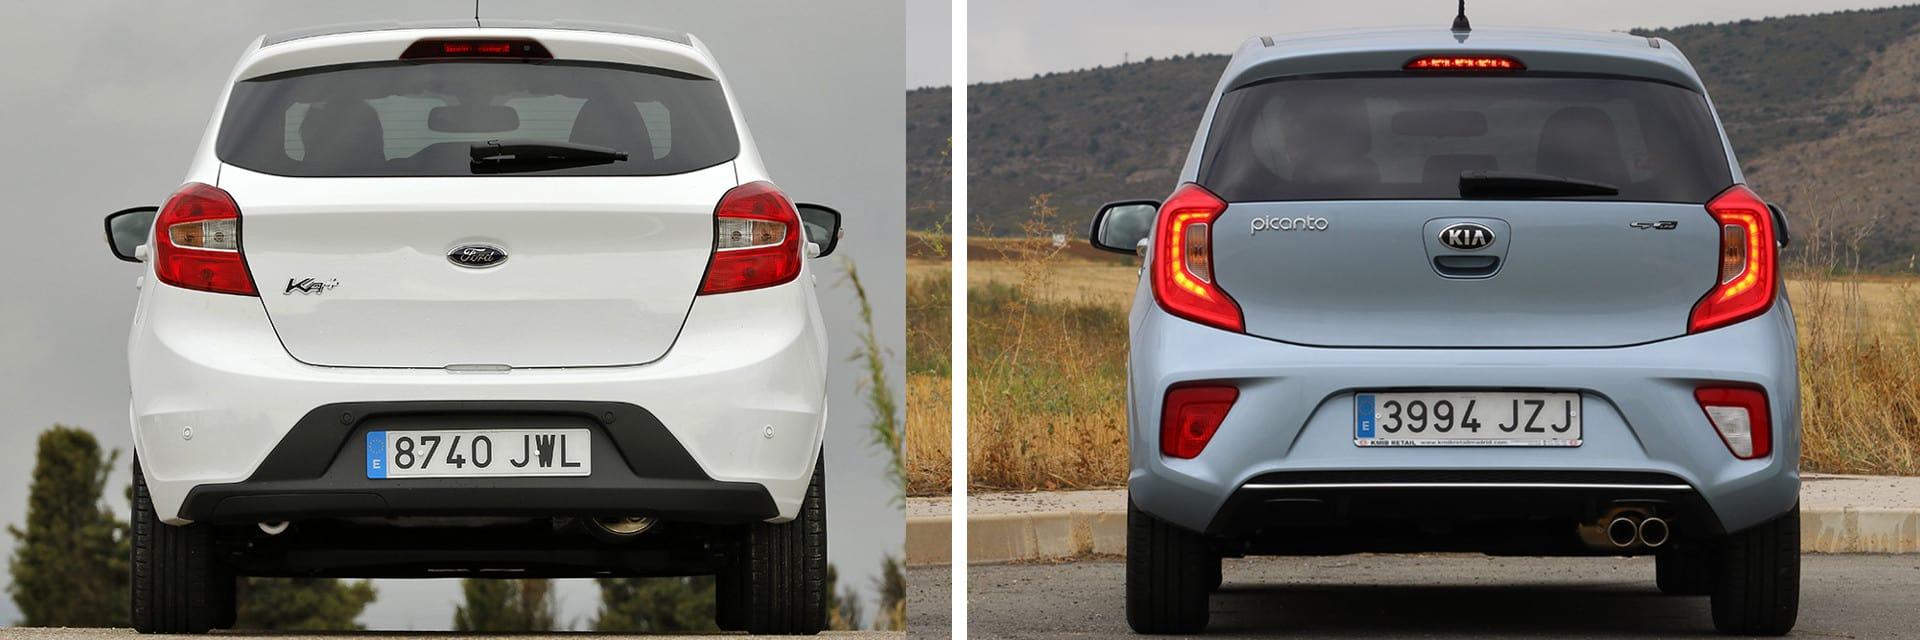 Las fotos del Ford Ka+ corresponden al acabado White Edition. Las fotos del Kia Picanto corresponden al acabado indicado. Fotos cedidas por KM77.